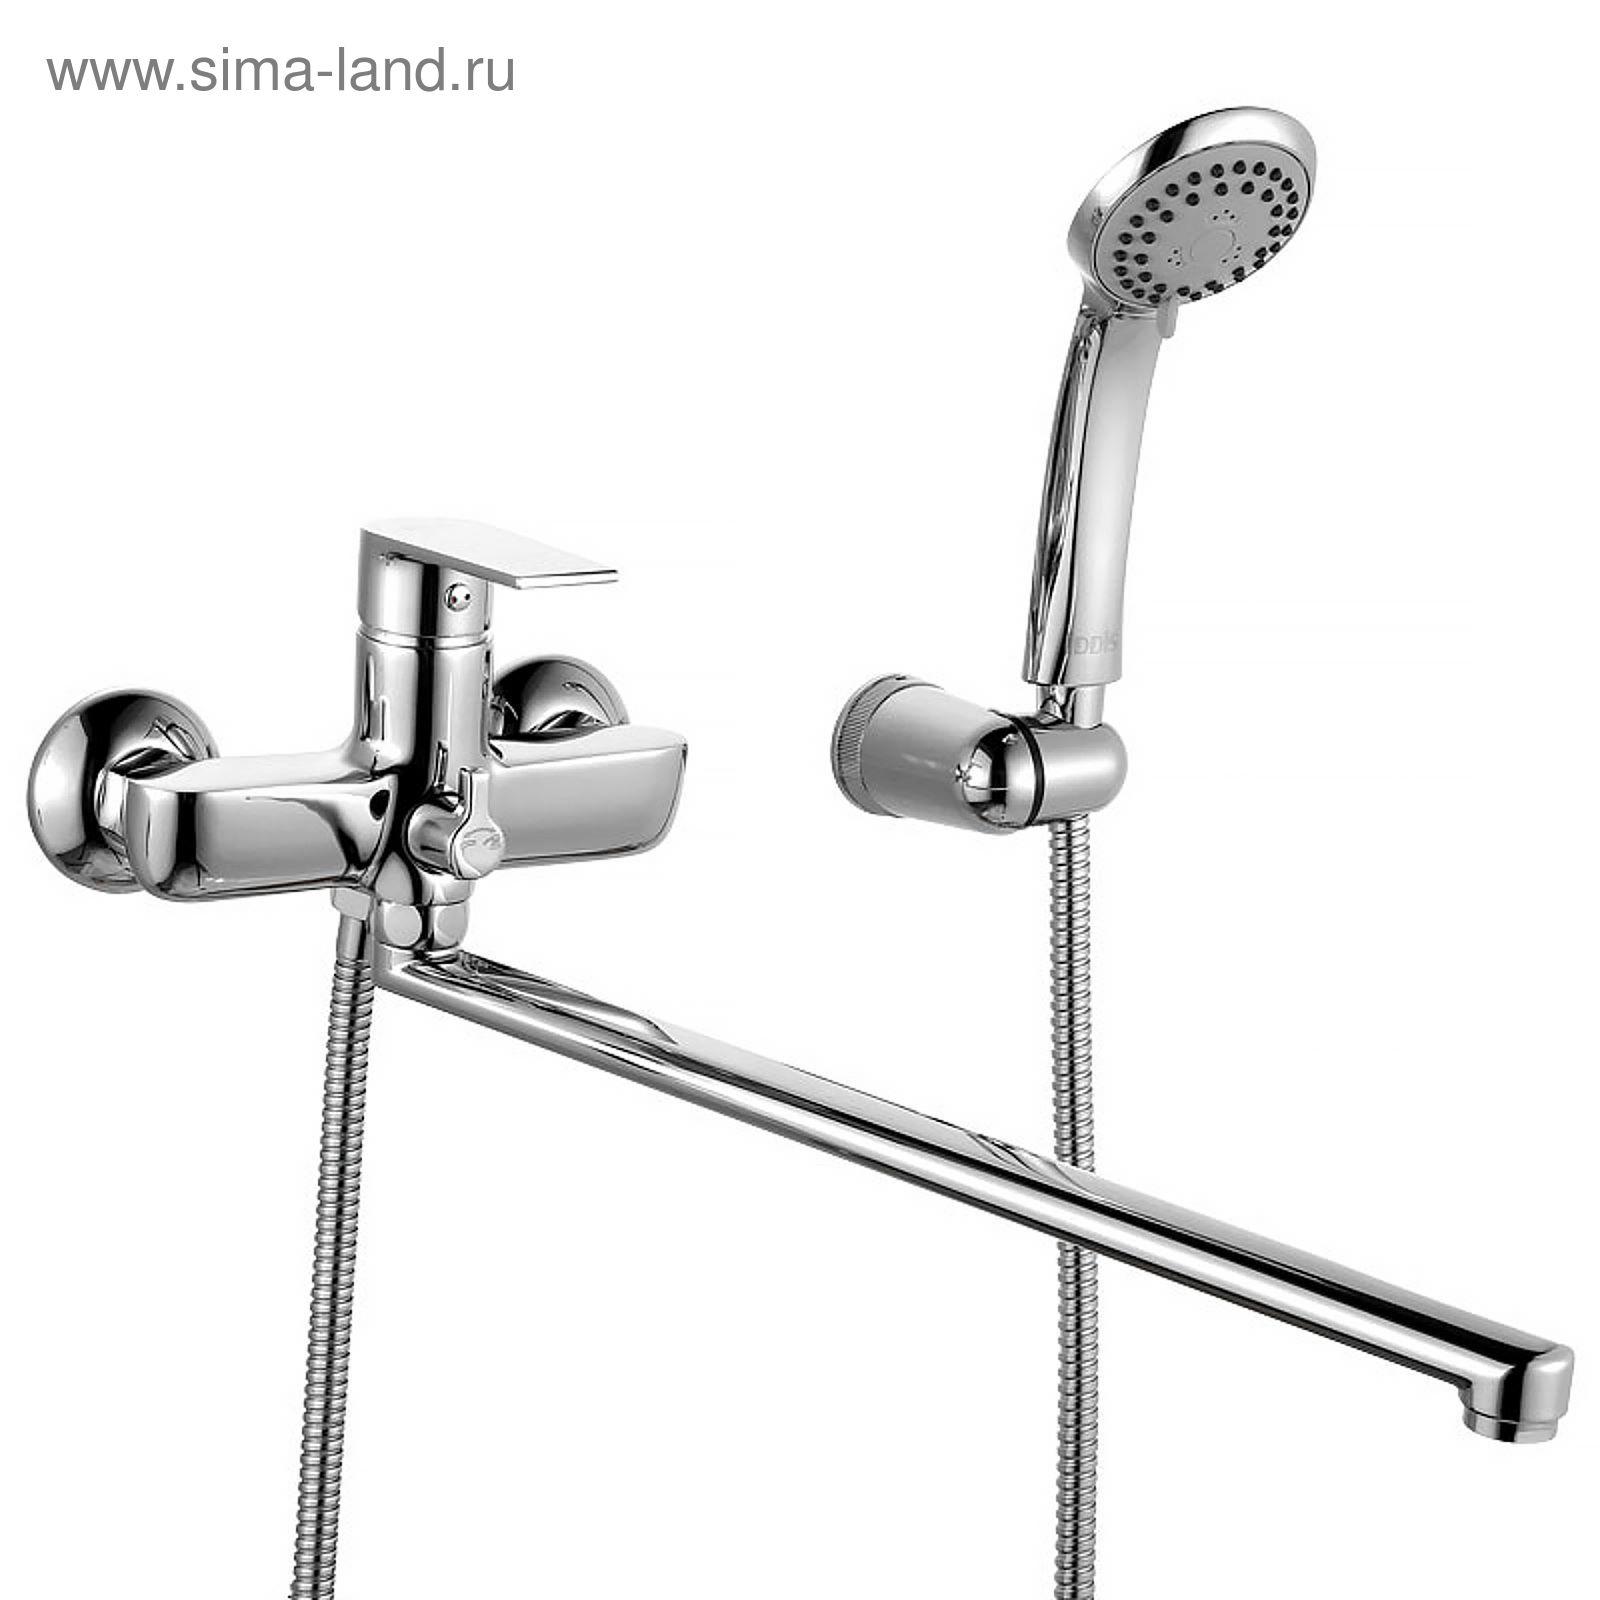 Смесители для ванны с длинным гусаком и душем купить kludi мебель для ванной